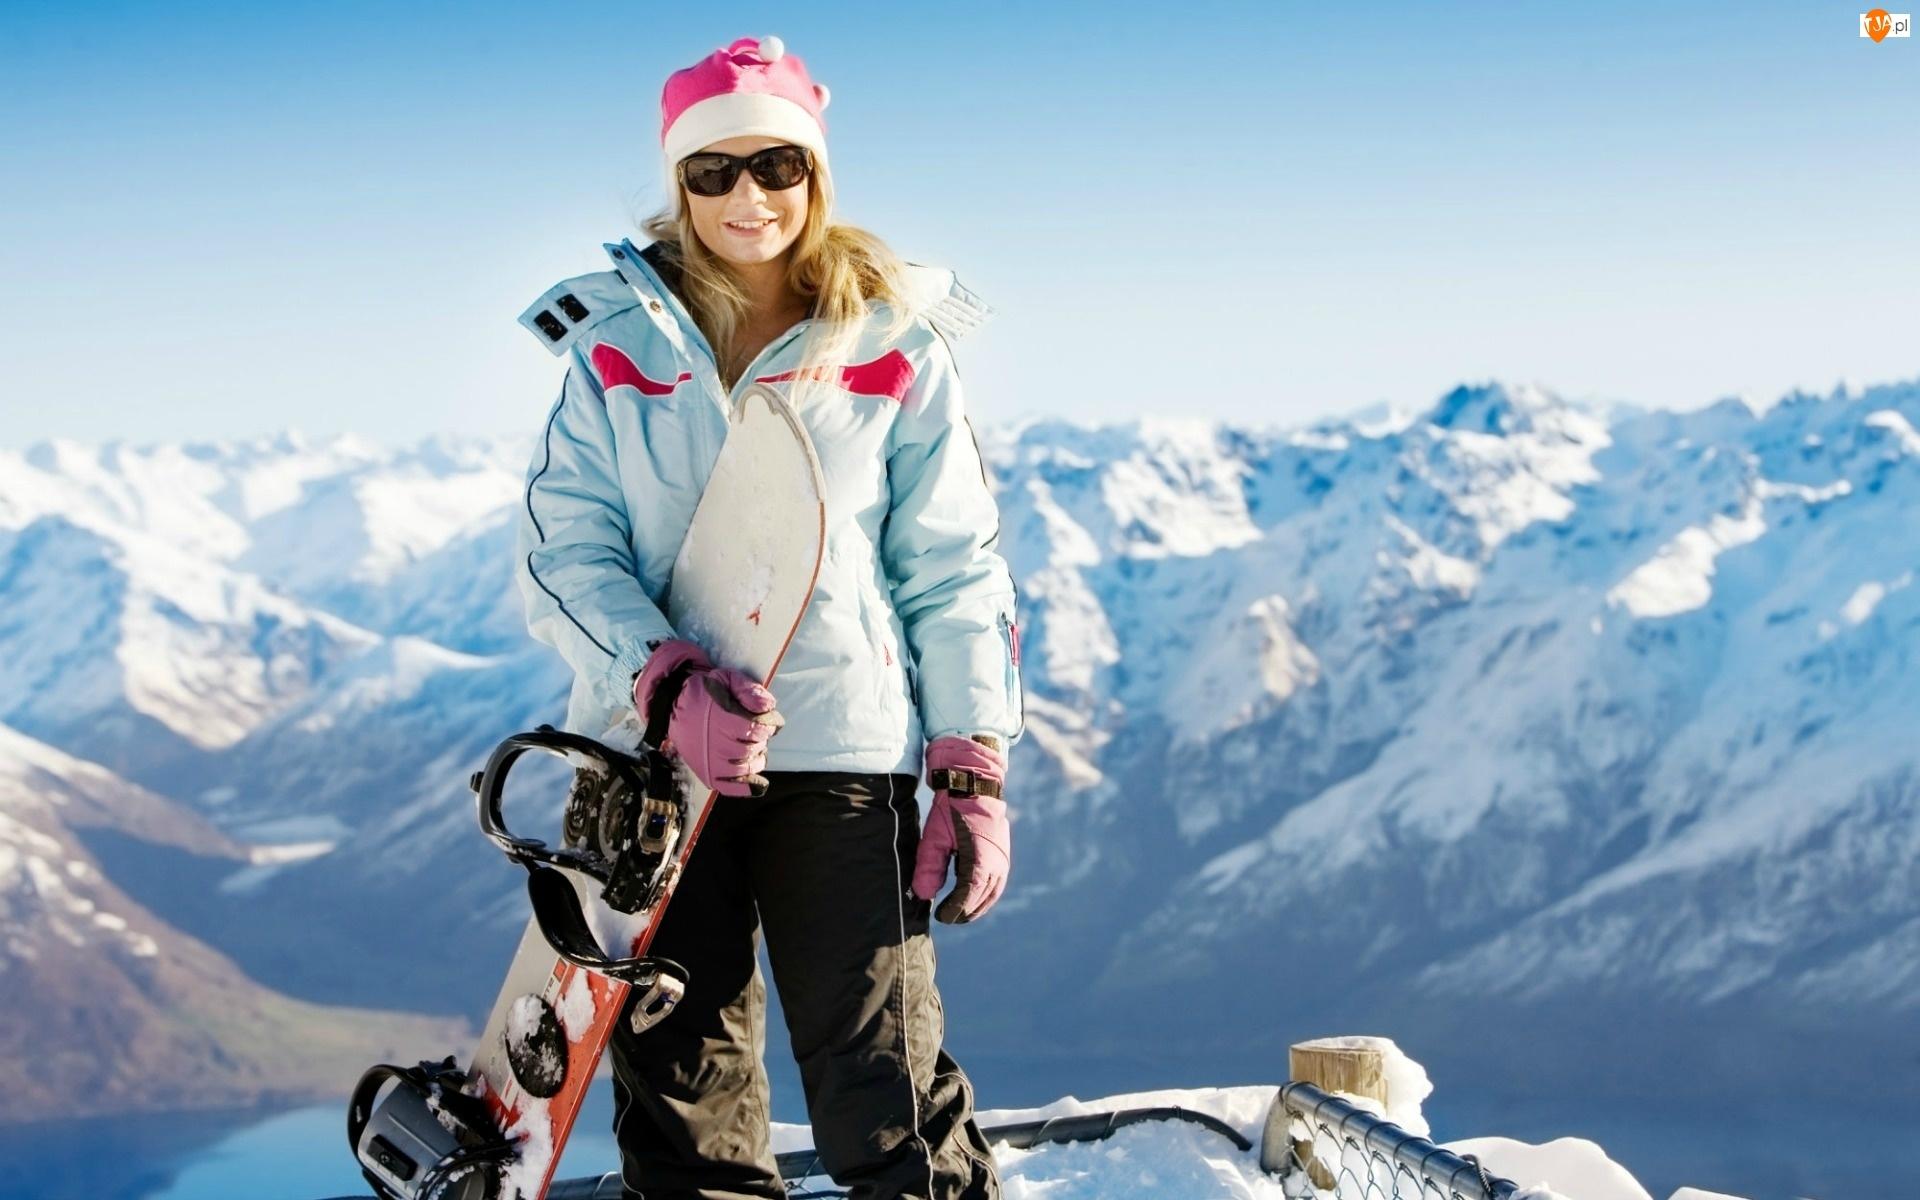 Zima, Dziewczyna, Snowboardowa, Deska, Góry